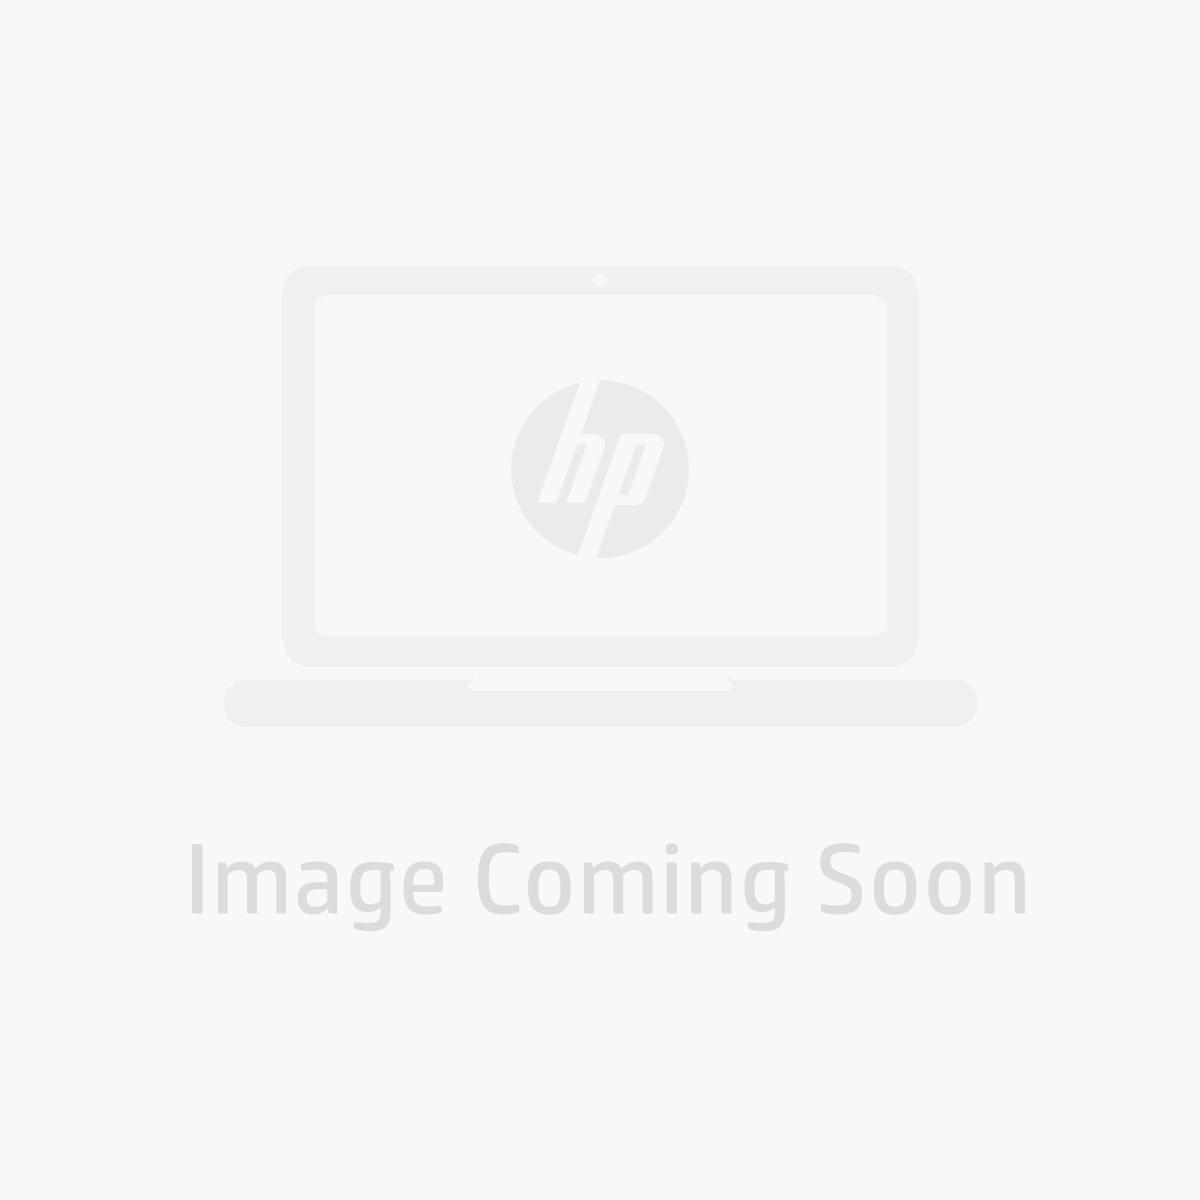 HP Spectre 13 x360 DEMO